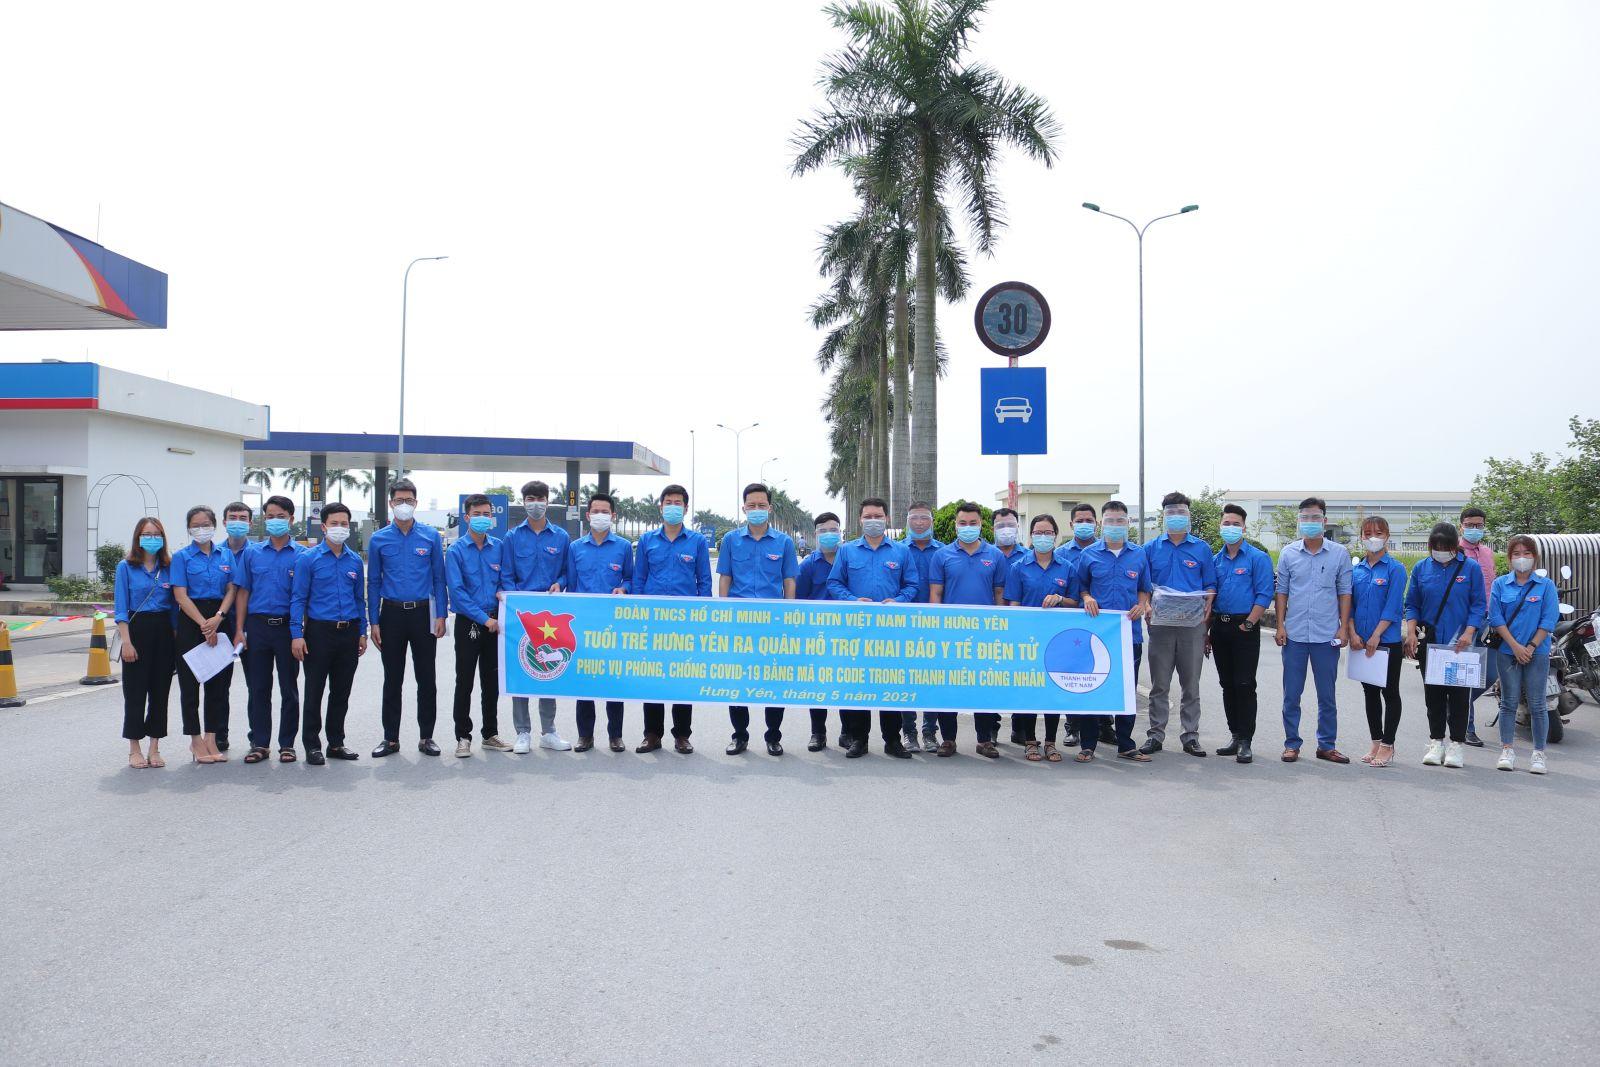 Tuổi trẻ tỉnh Hưng Yên ra quân hỗ trợ khai báo y tế điện tử phục vụ phòng, chống dịch bệnh Covid-19 bằng mã QR CODE trong thanh niên công nhân